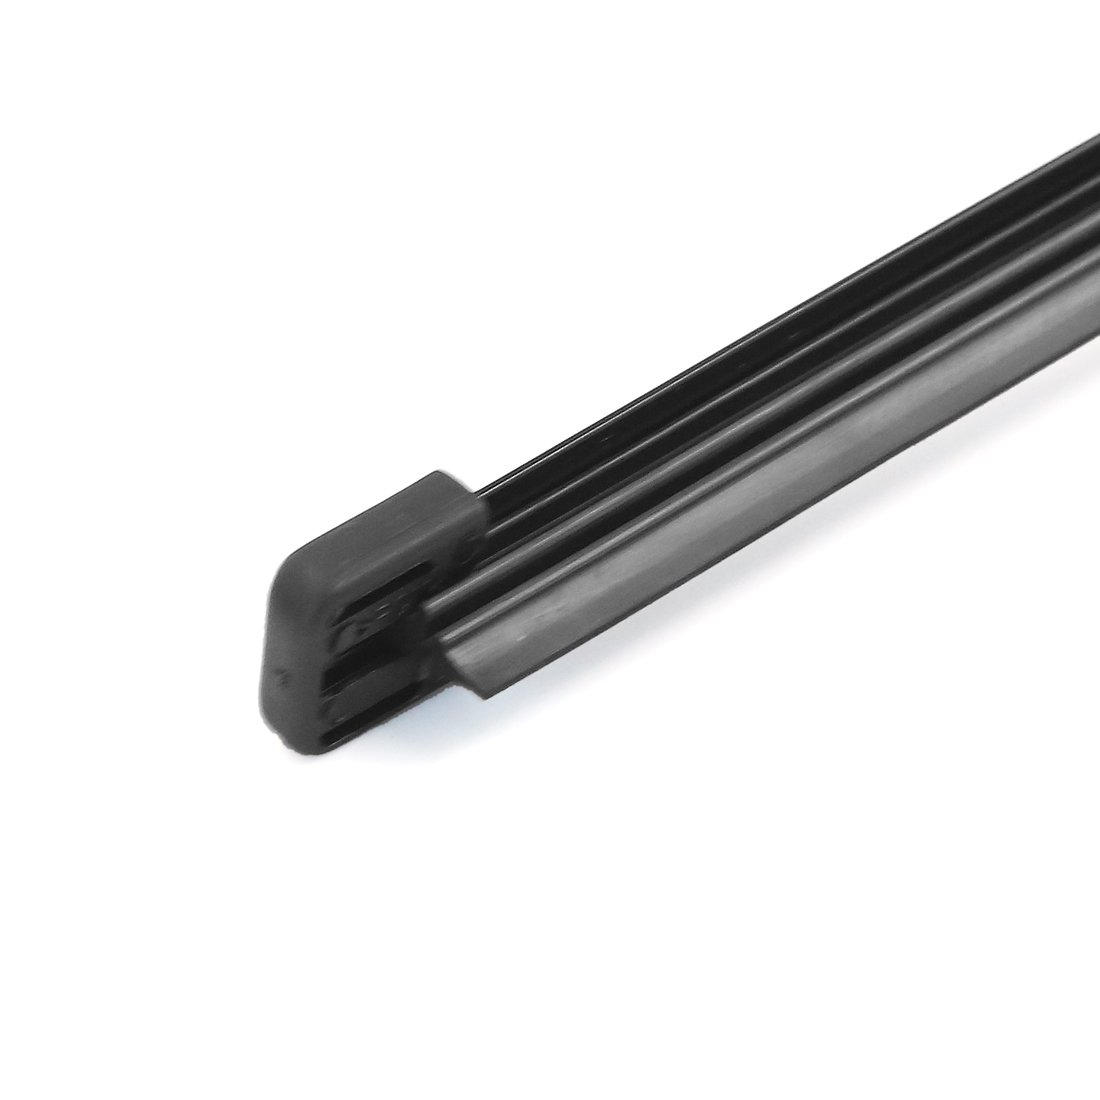 Limpiaparabrisas trasero X AUTOHAUX de 330 mm para coche: Amazon.es: Coche y moto